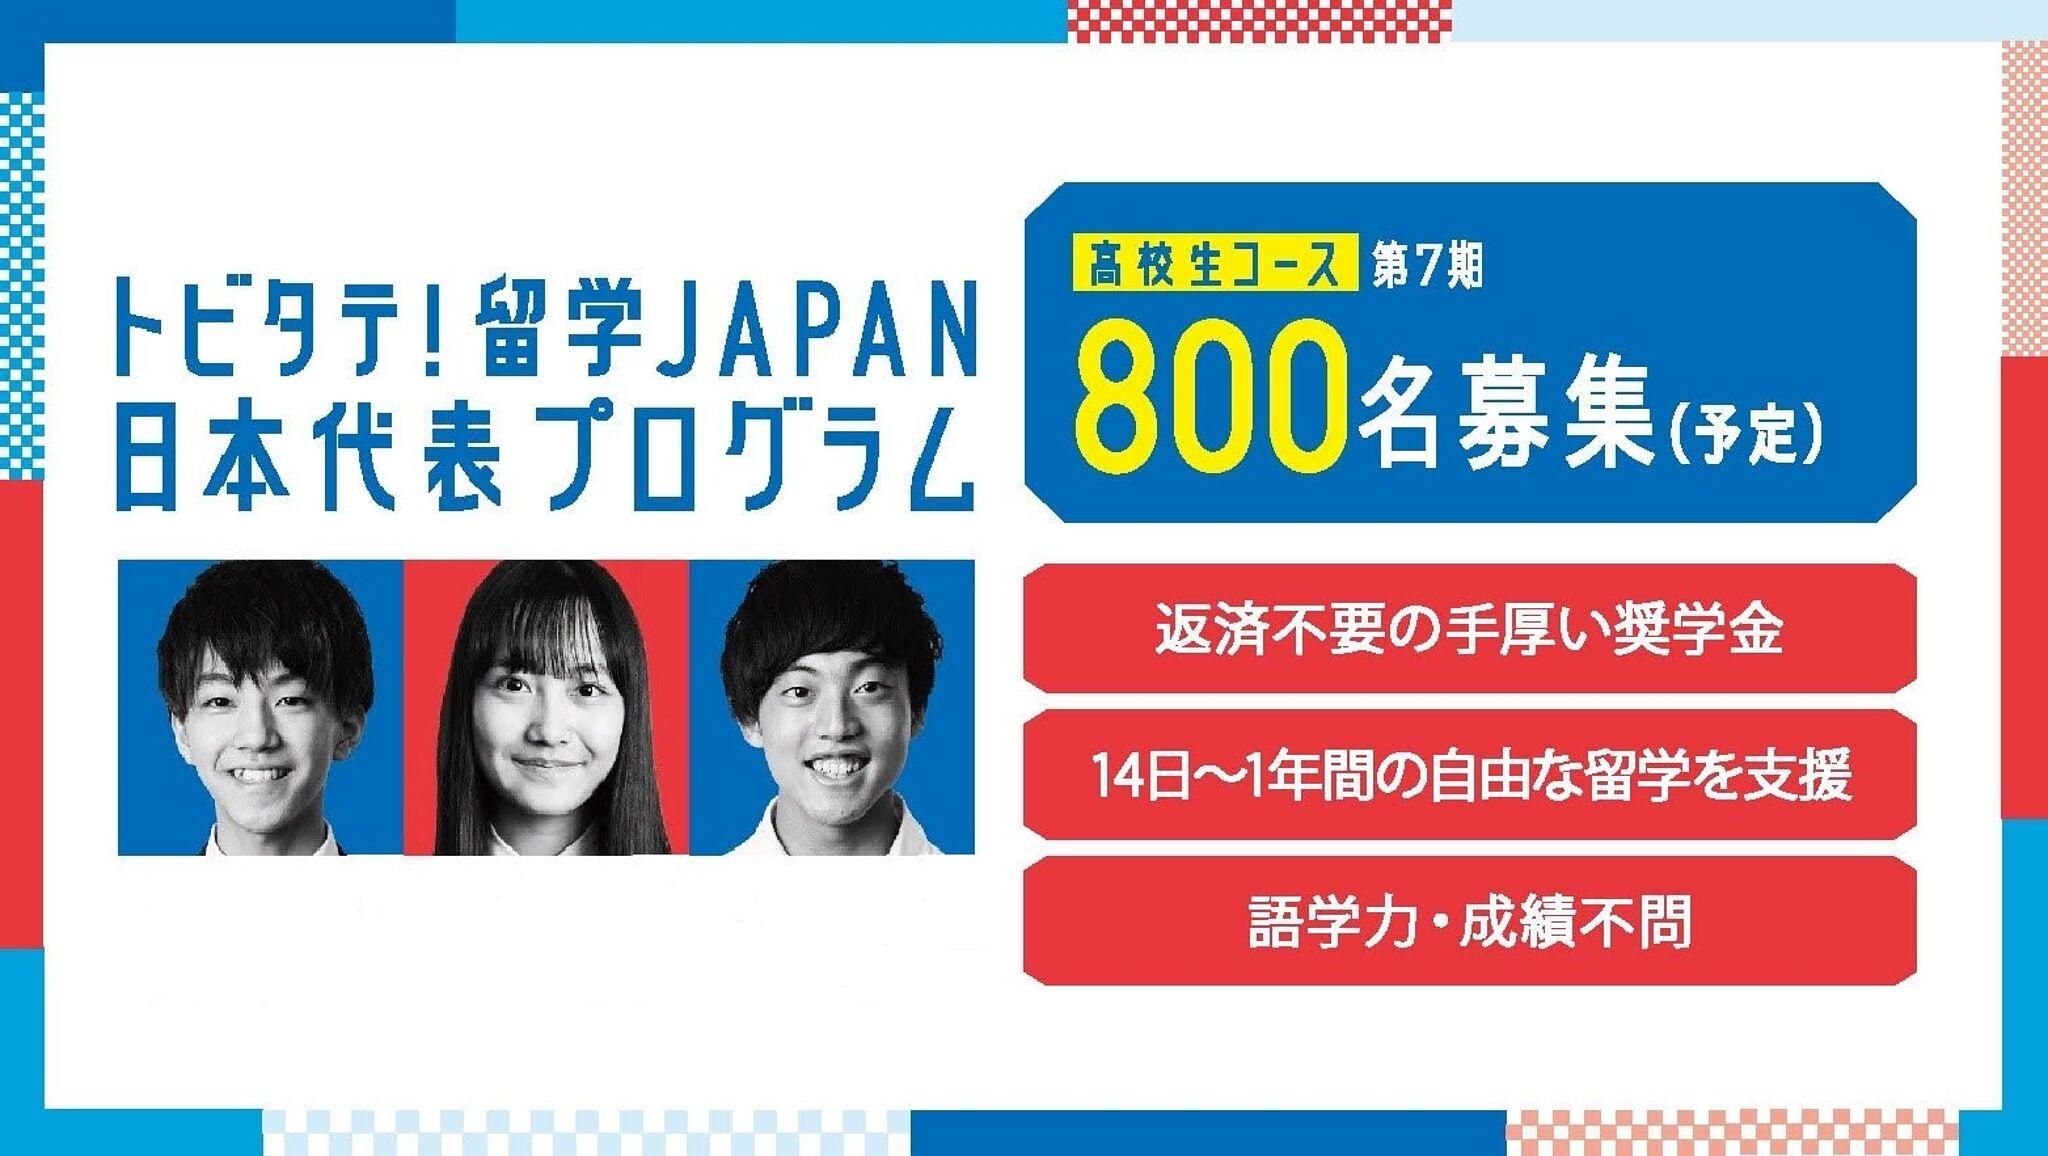 トビタテ 日本代表プログラム 高校生 期間